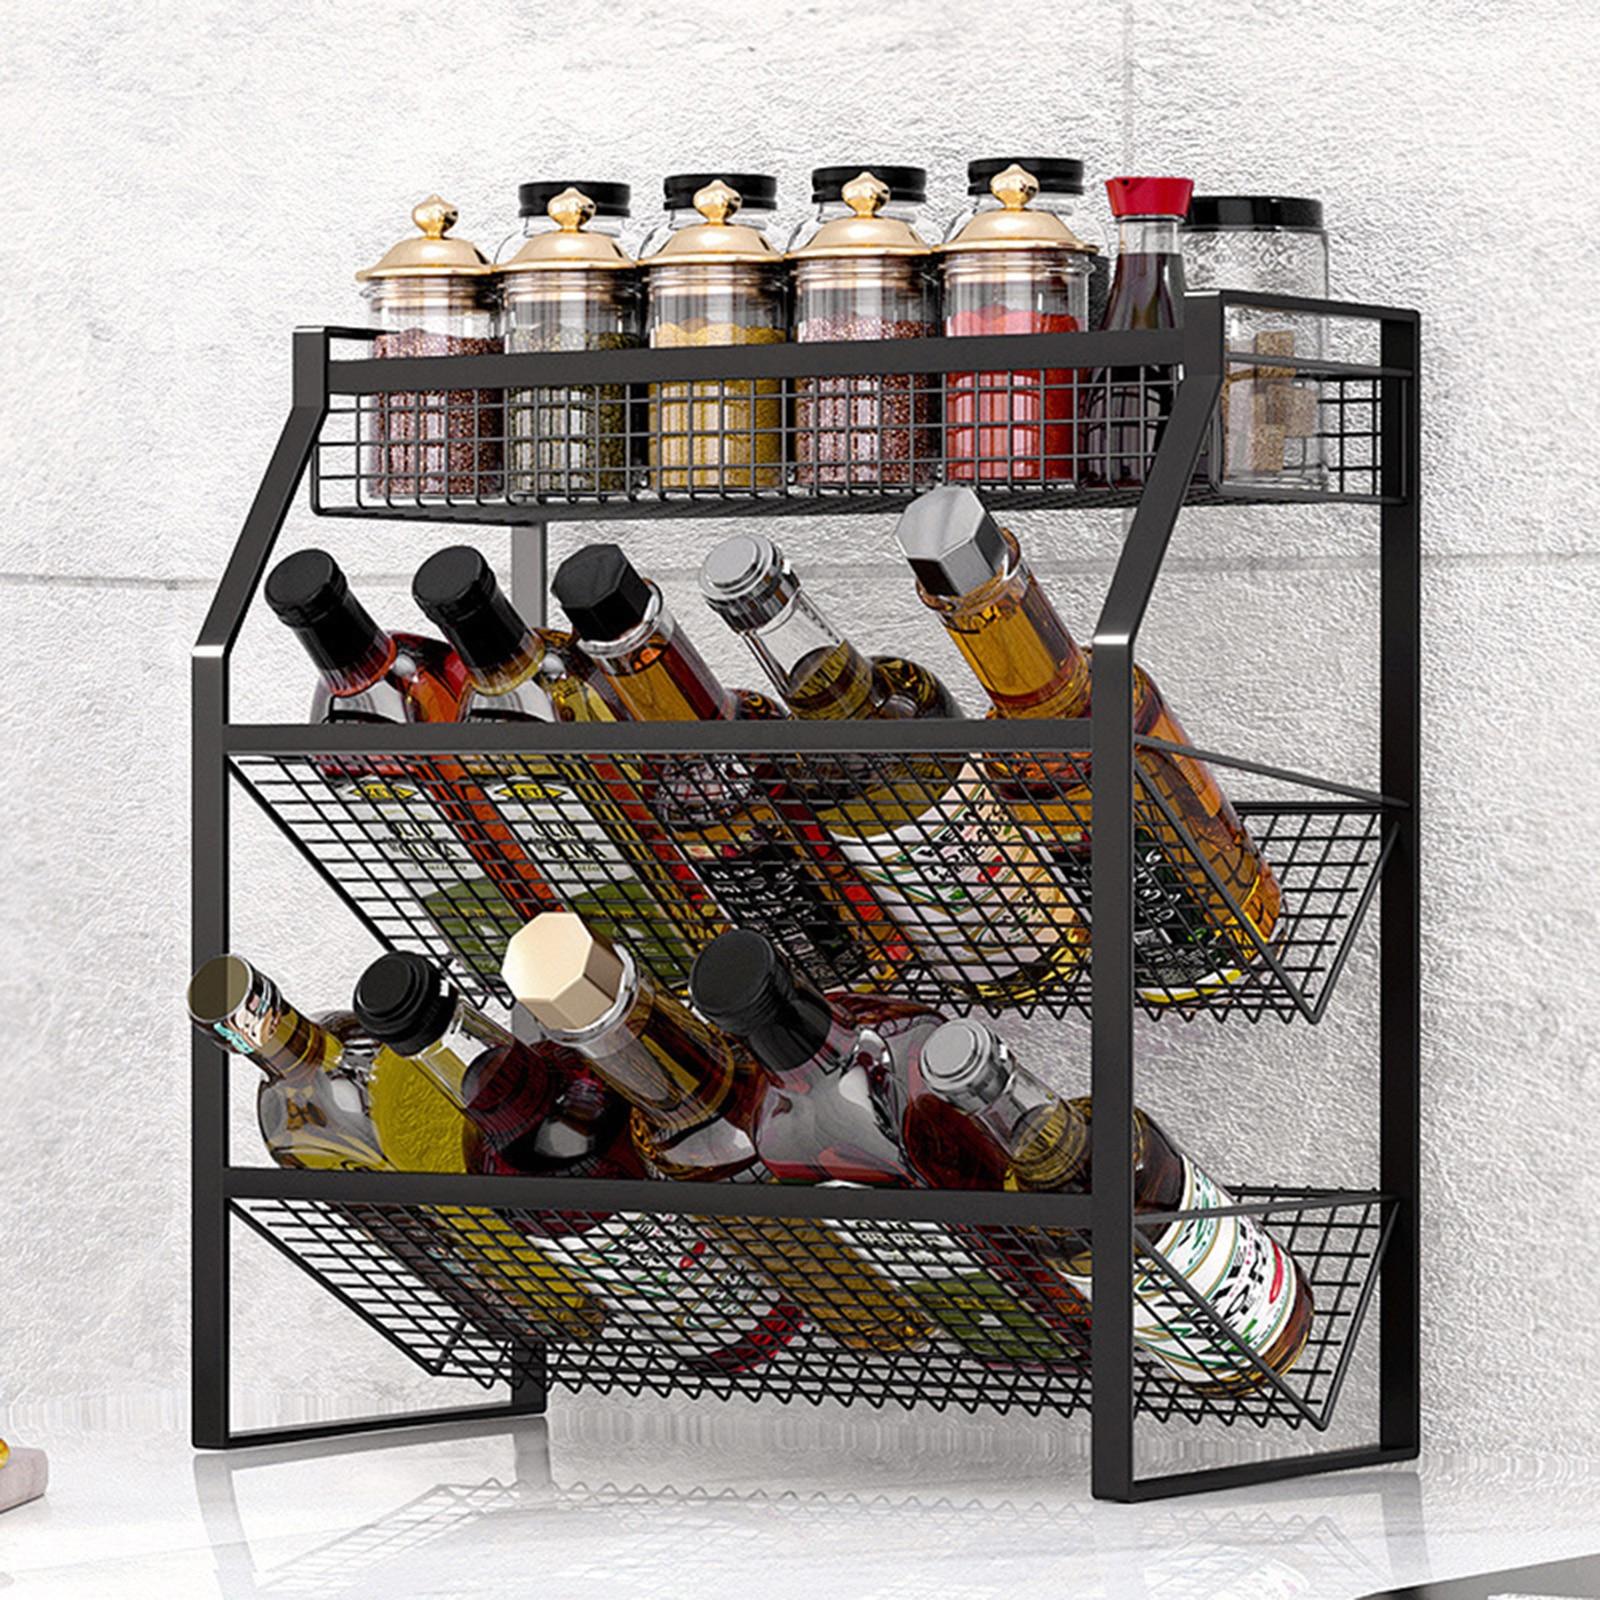 رف تخزين متعدد الأغراض من 3 مستويات ، رف مطبخ قابل للتكديس لتخزين صلصة التوابل